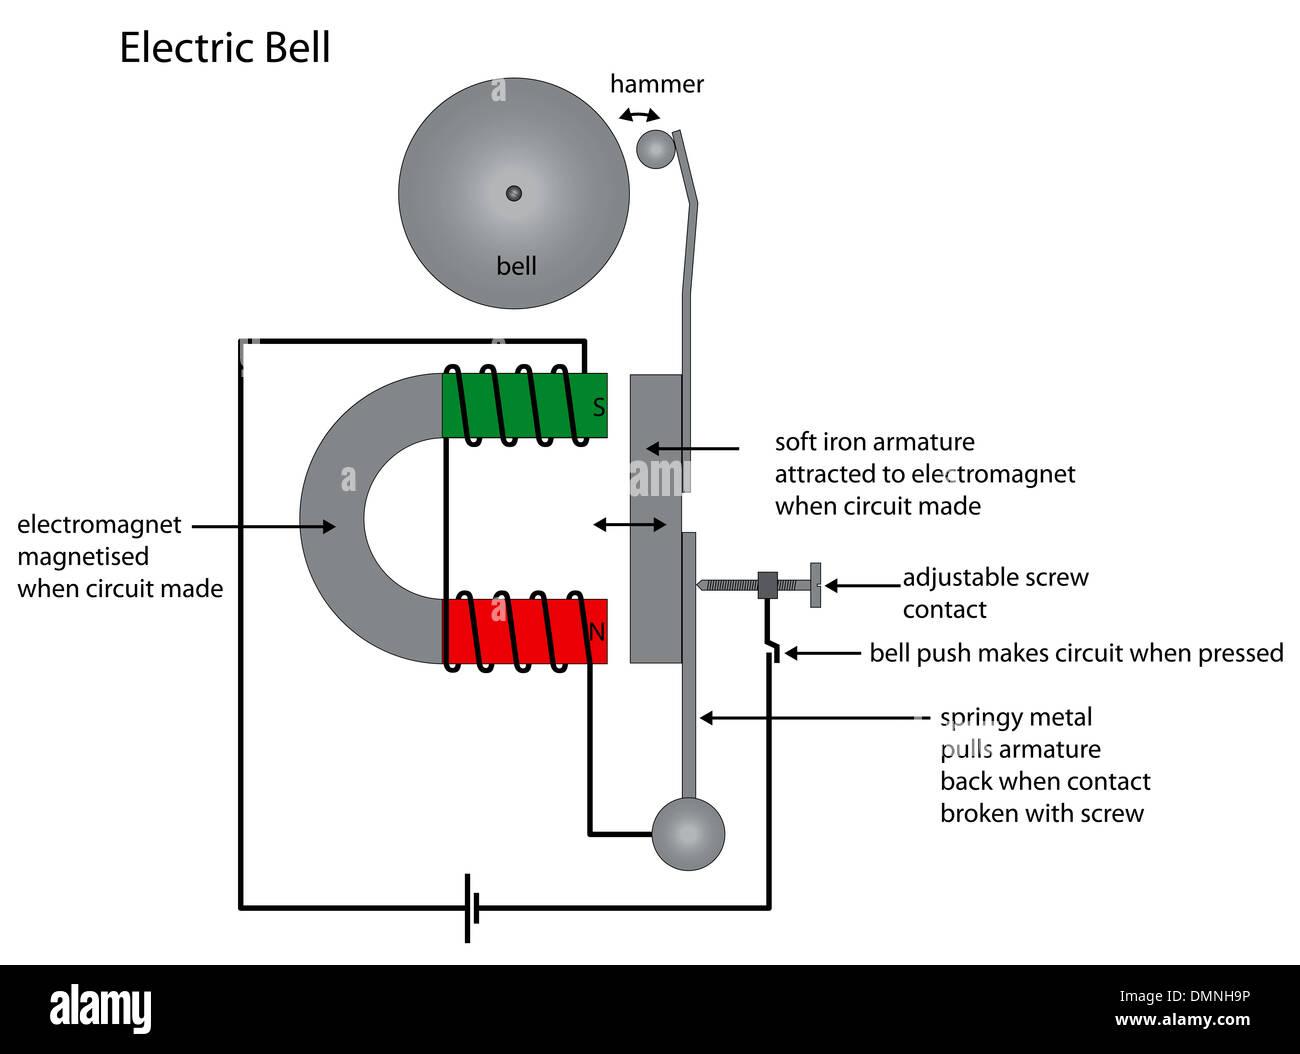 Beispiel für eine elektrische Klingel Stockfoto, Bild: 64398818 - Alamy